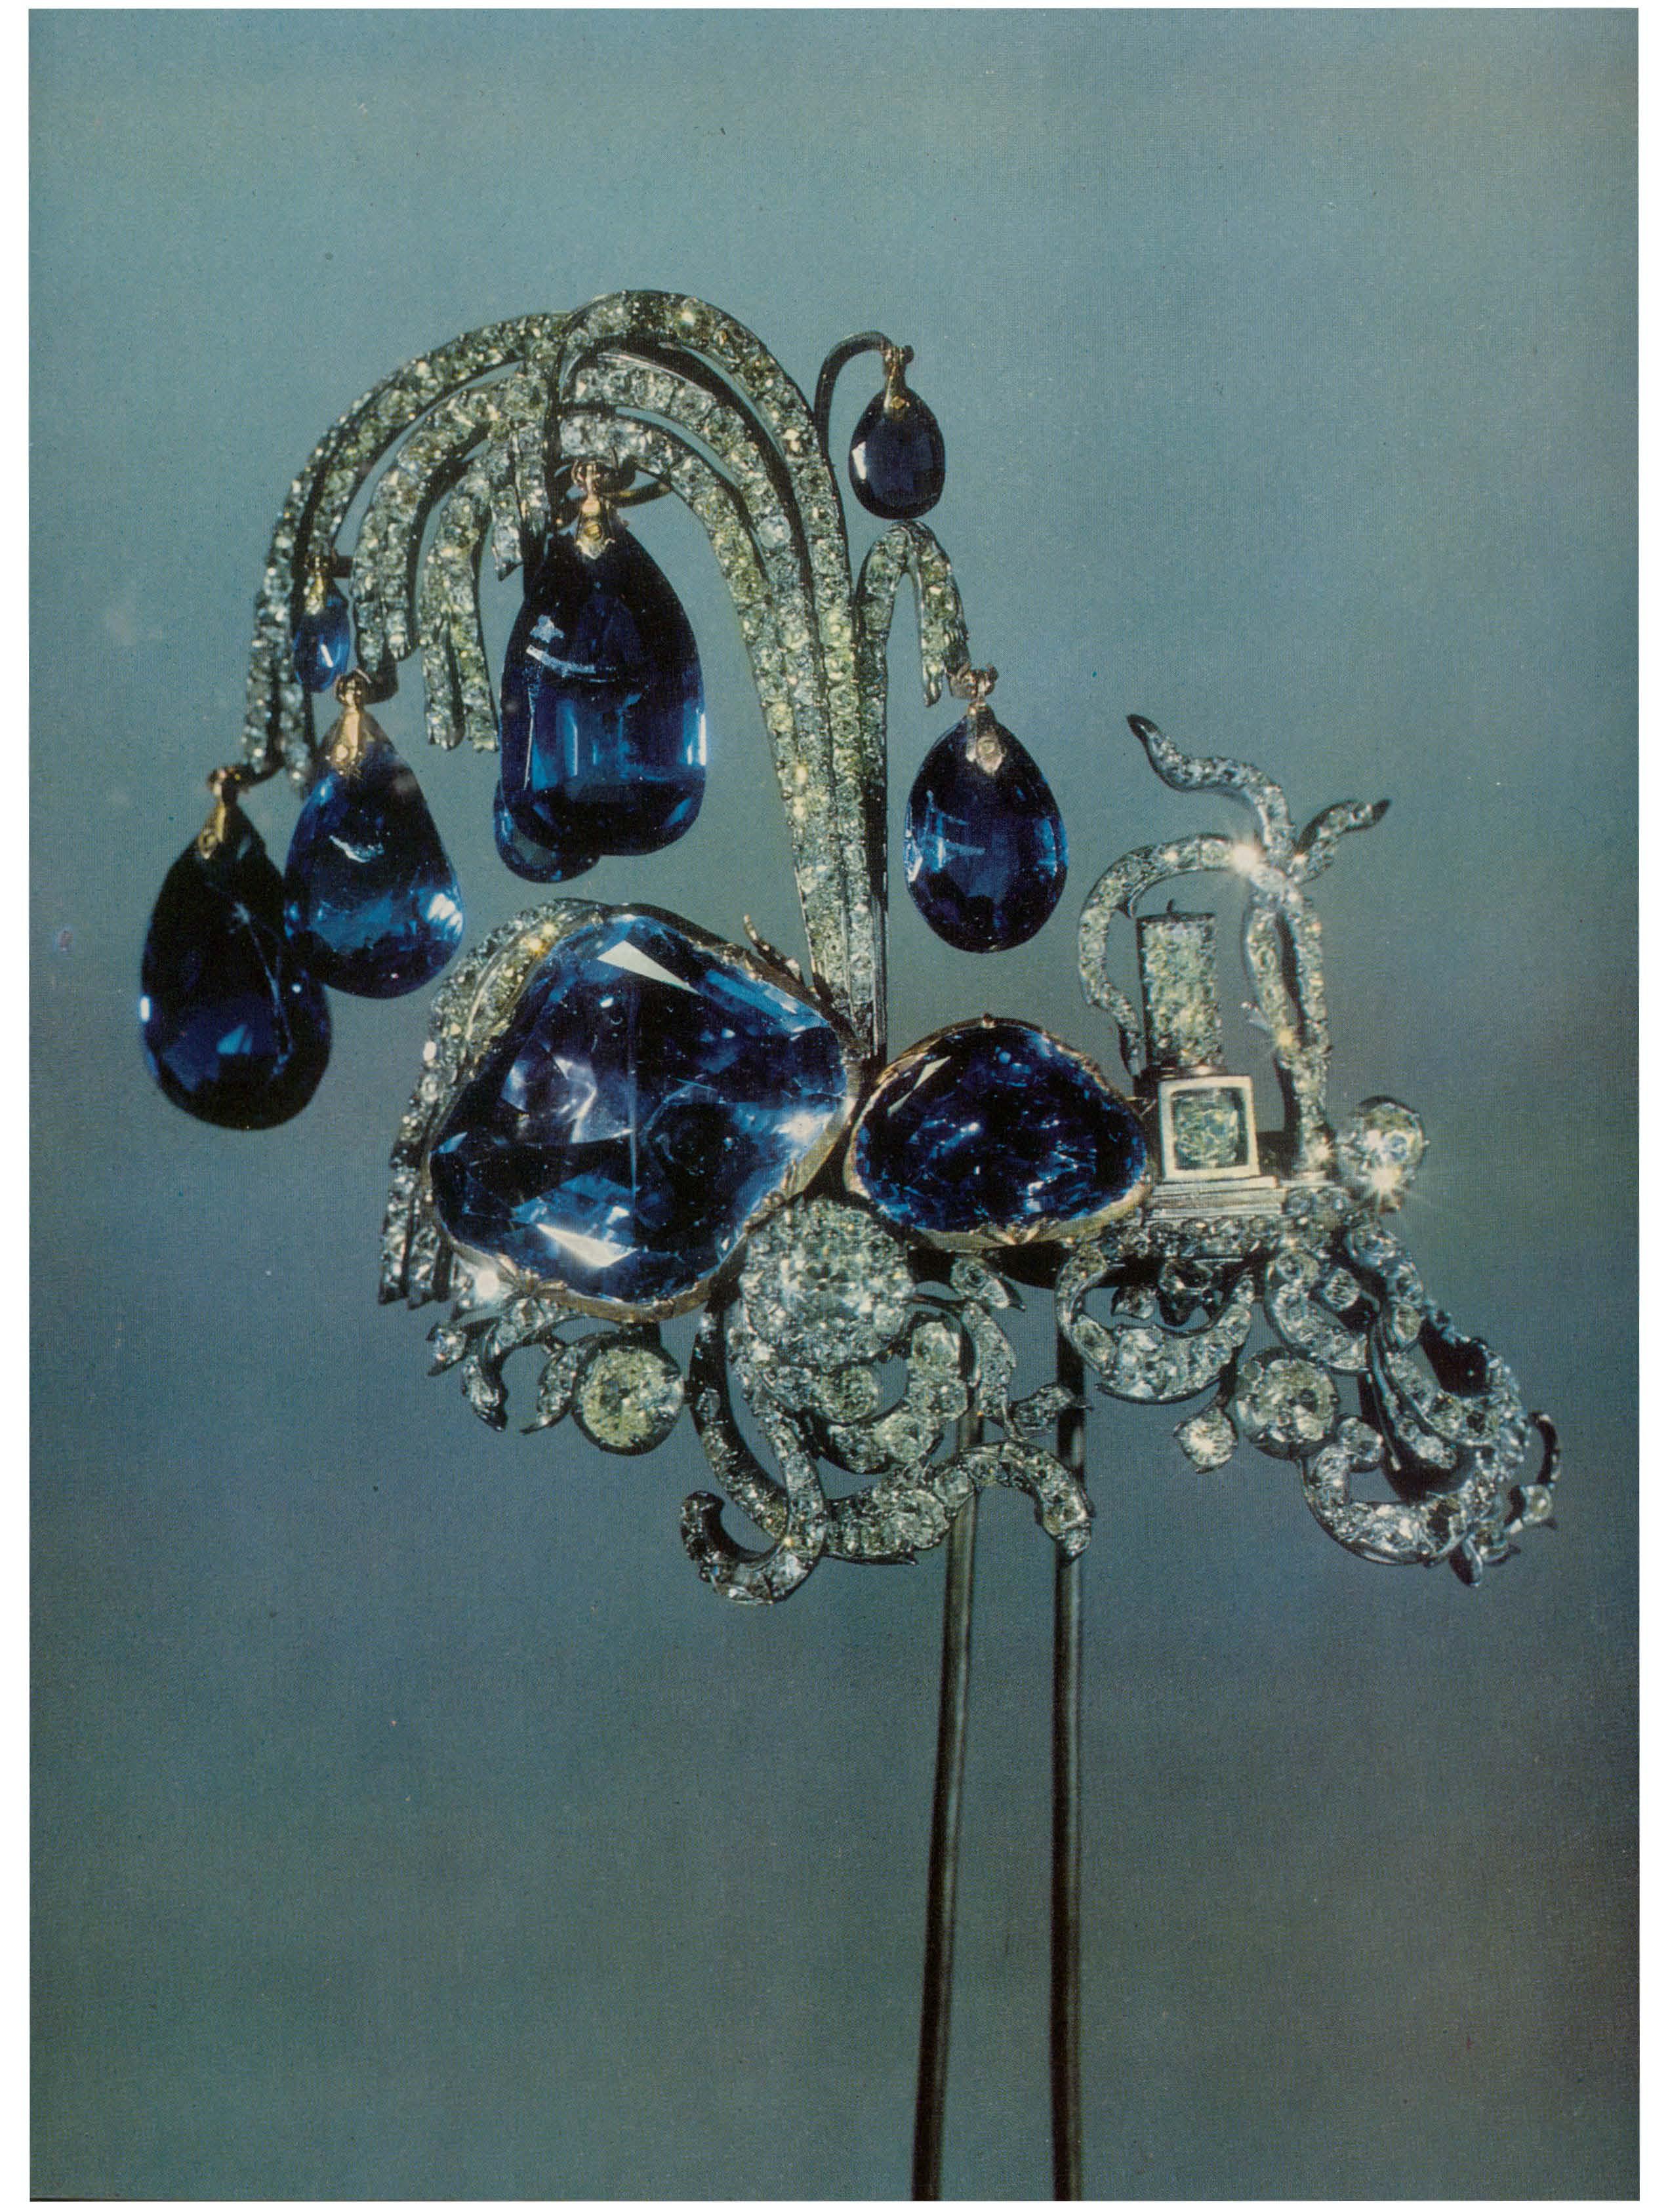 сокровища алмазного фонда картинки станет людей